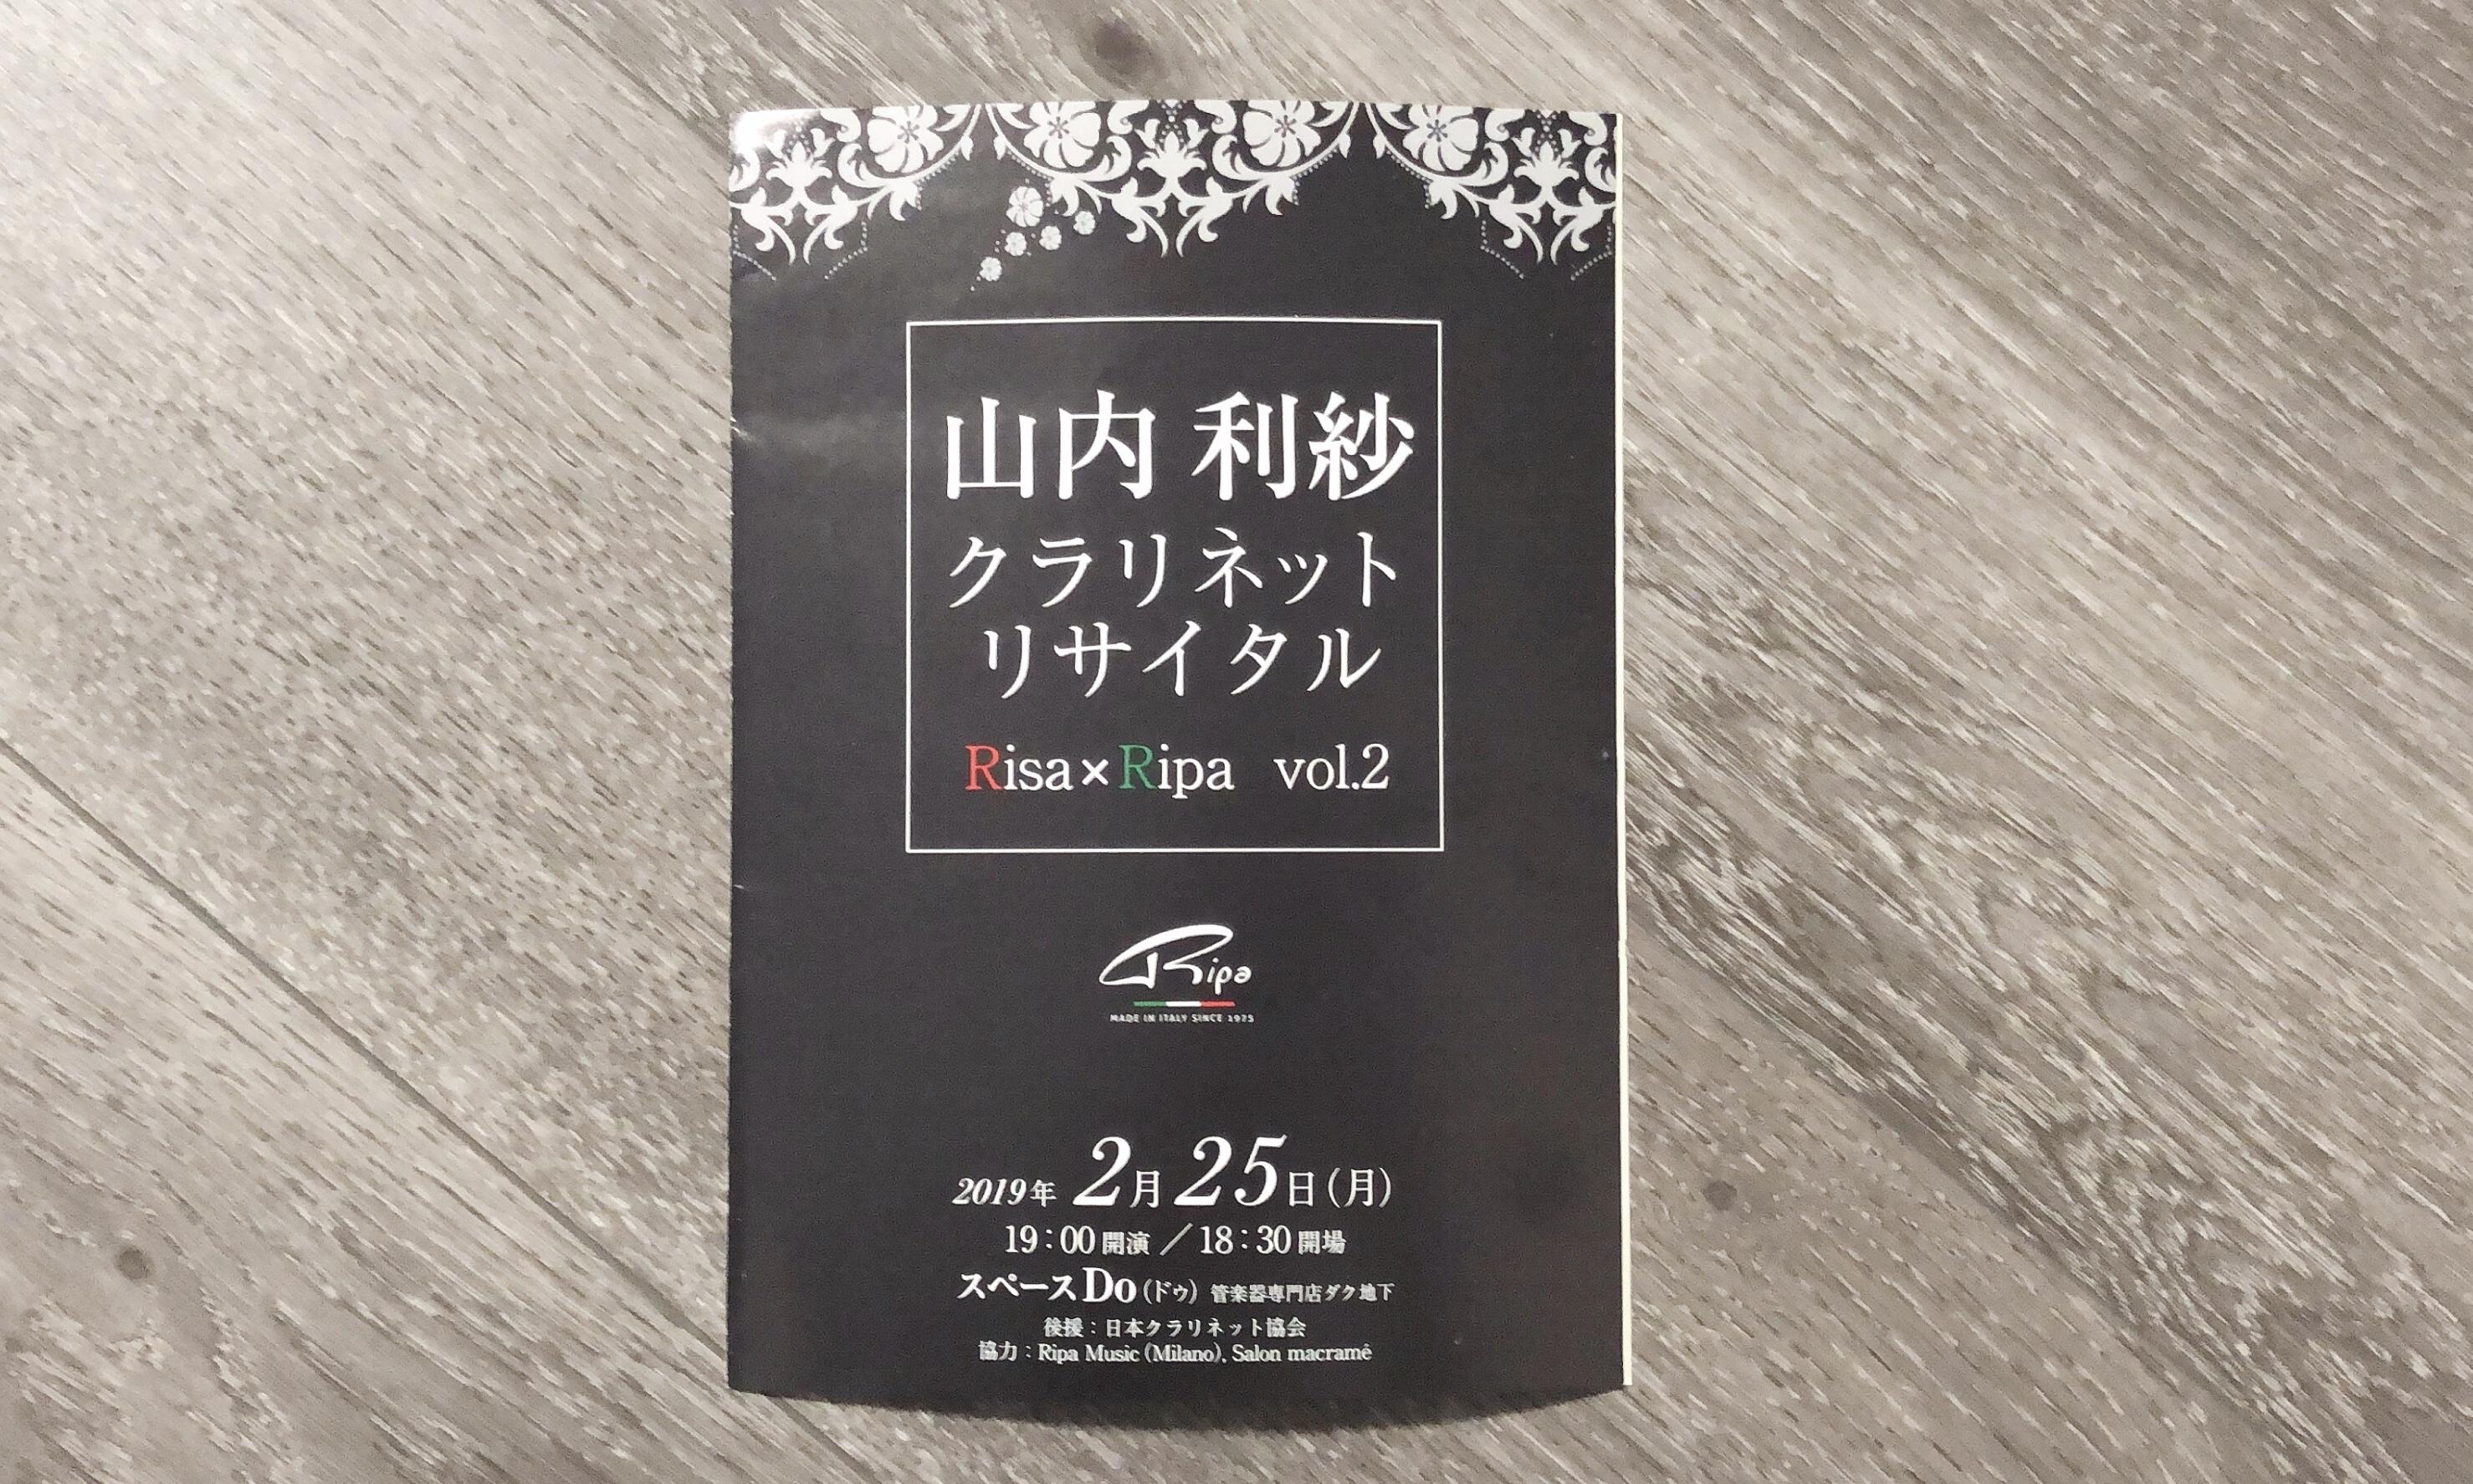 2019/02/25【山内利紗クラリネットリサイタル Risa x Ripa vol.2】を拝聴して